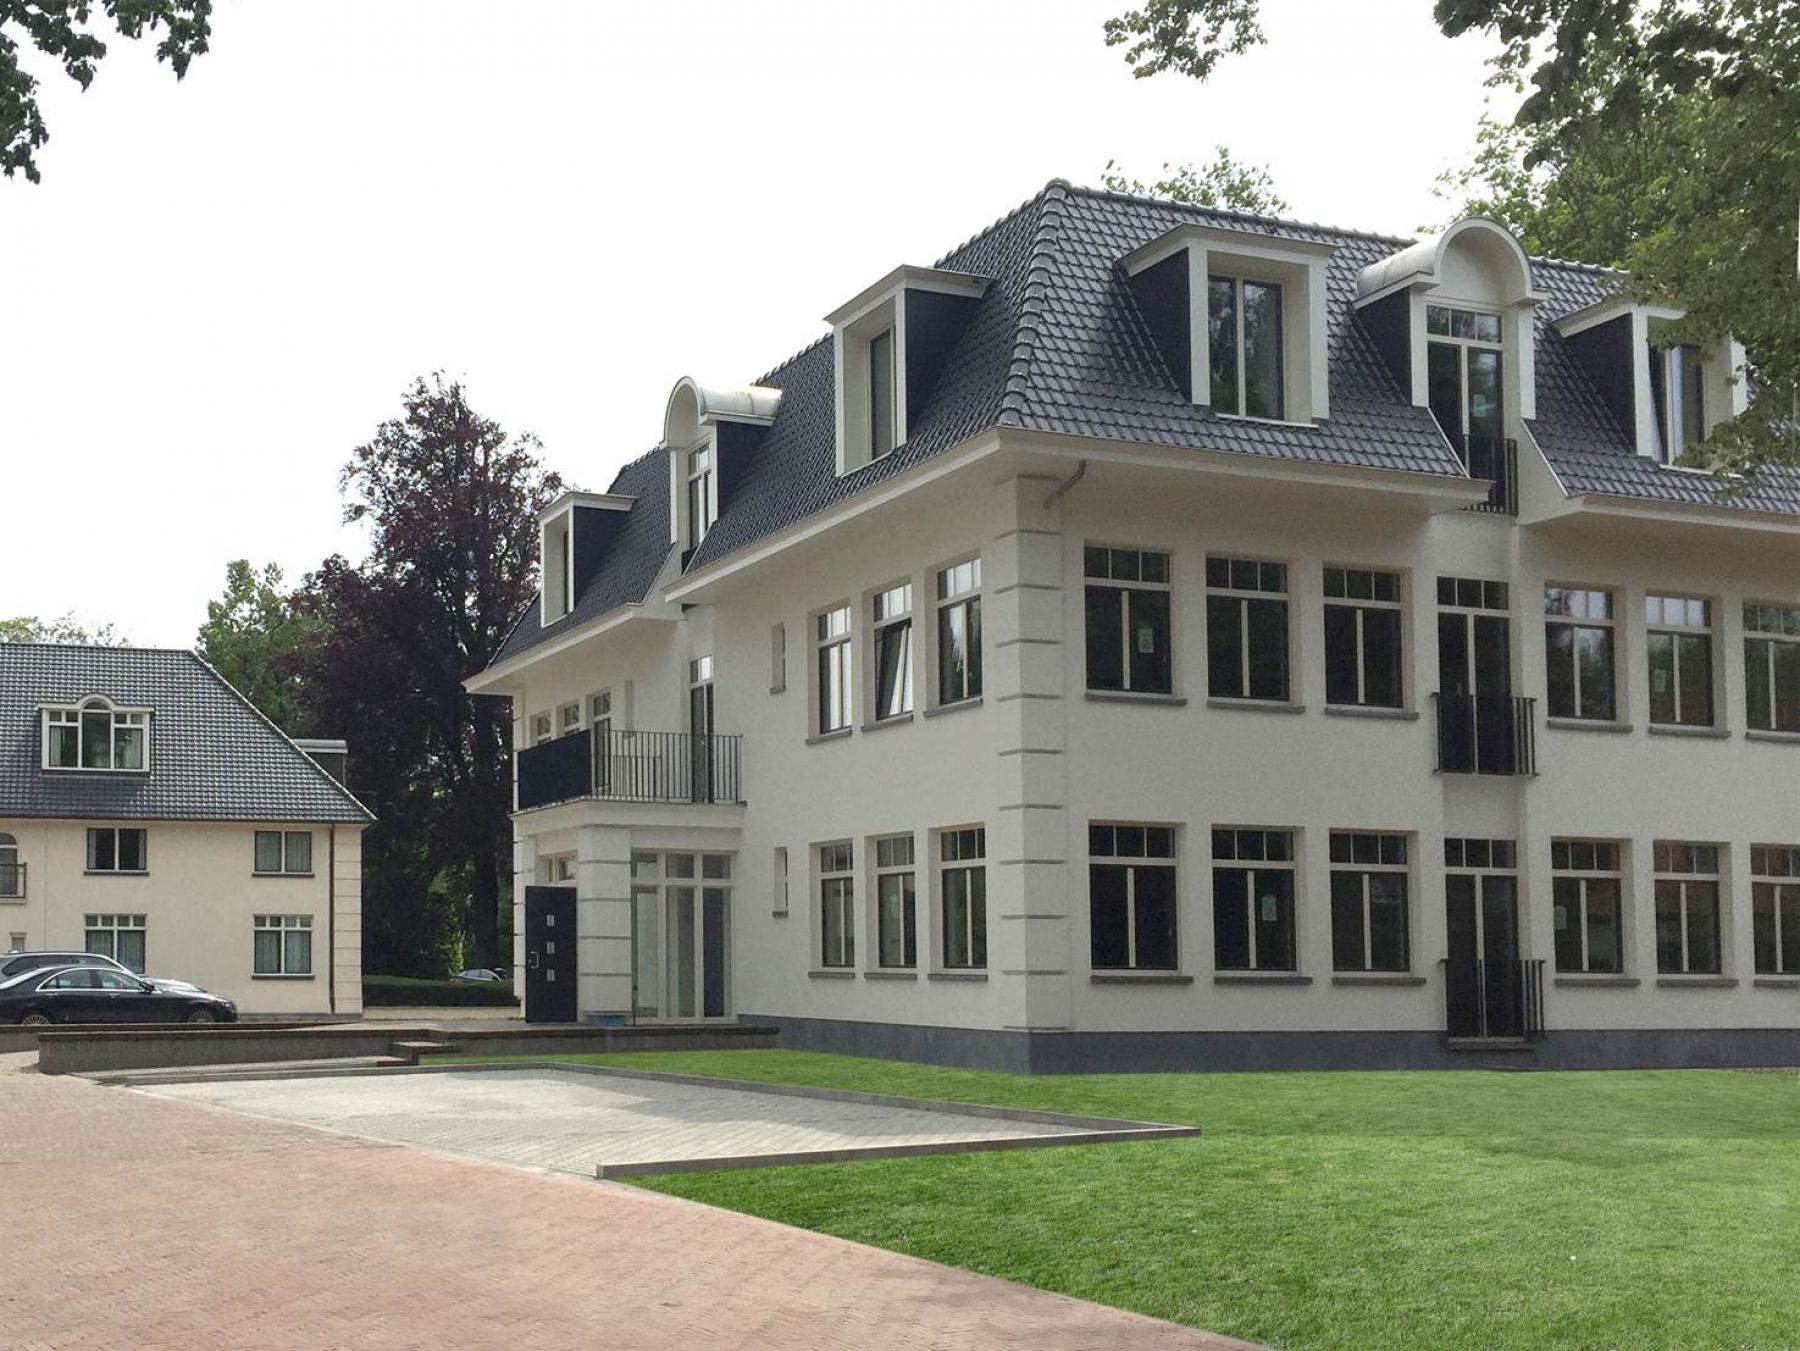 Kantoor te huur Collegestraat 11 11, Turnhout (1)